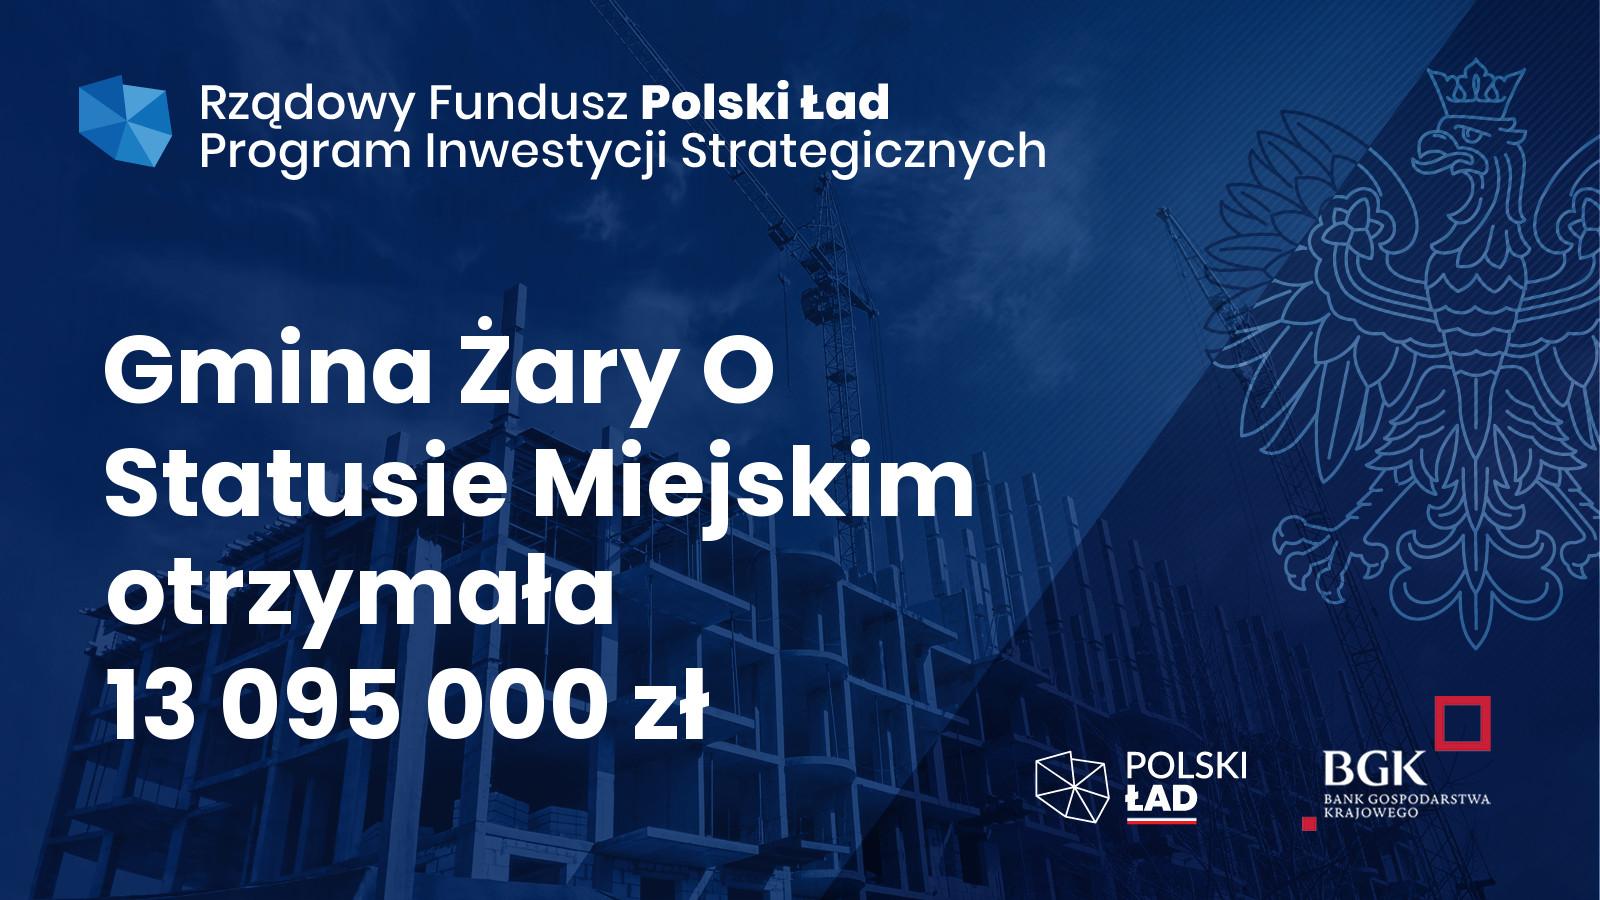 Ilustracja do informacji: Ponad 13 milionów złotych dla miasta Żary!